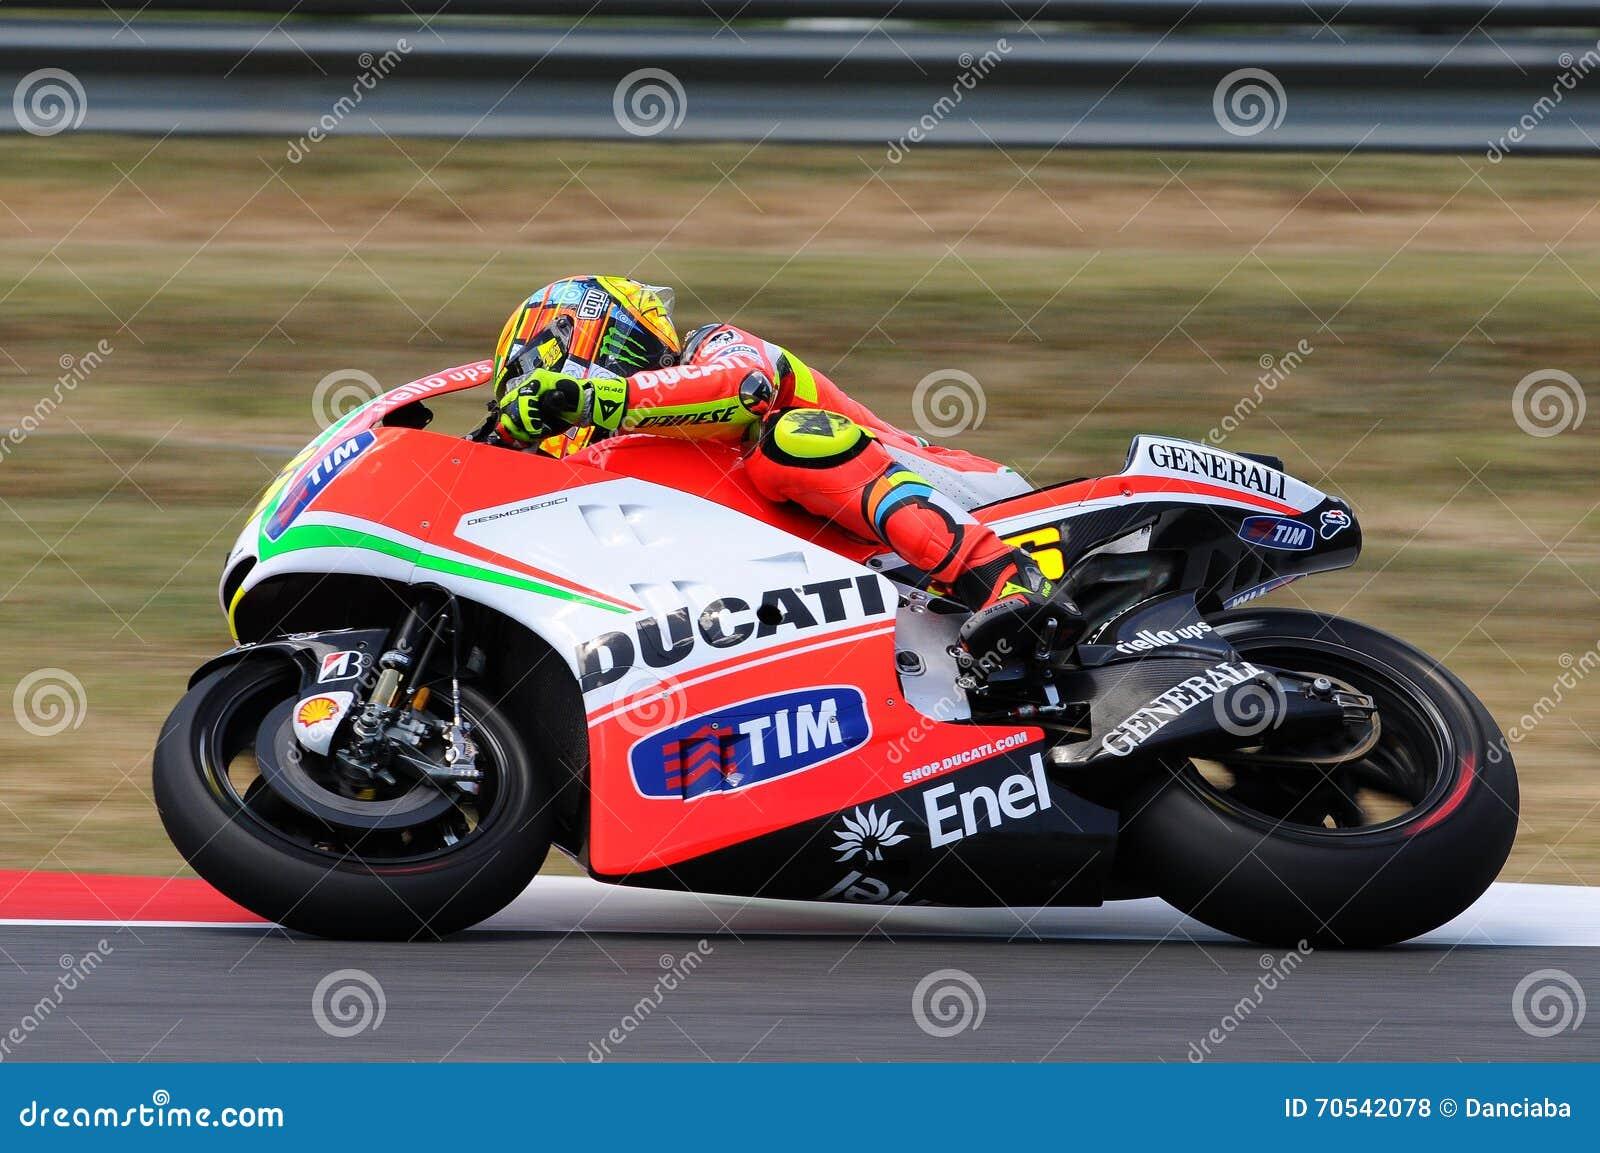 Circuit Italia Motogp : Valentino rossi ducati motogp editorial photo